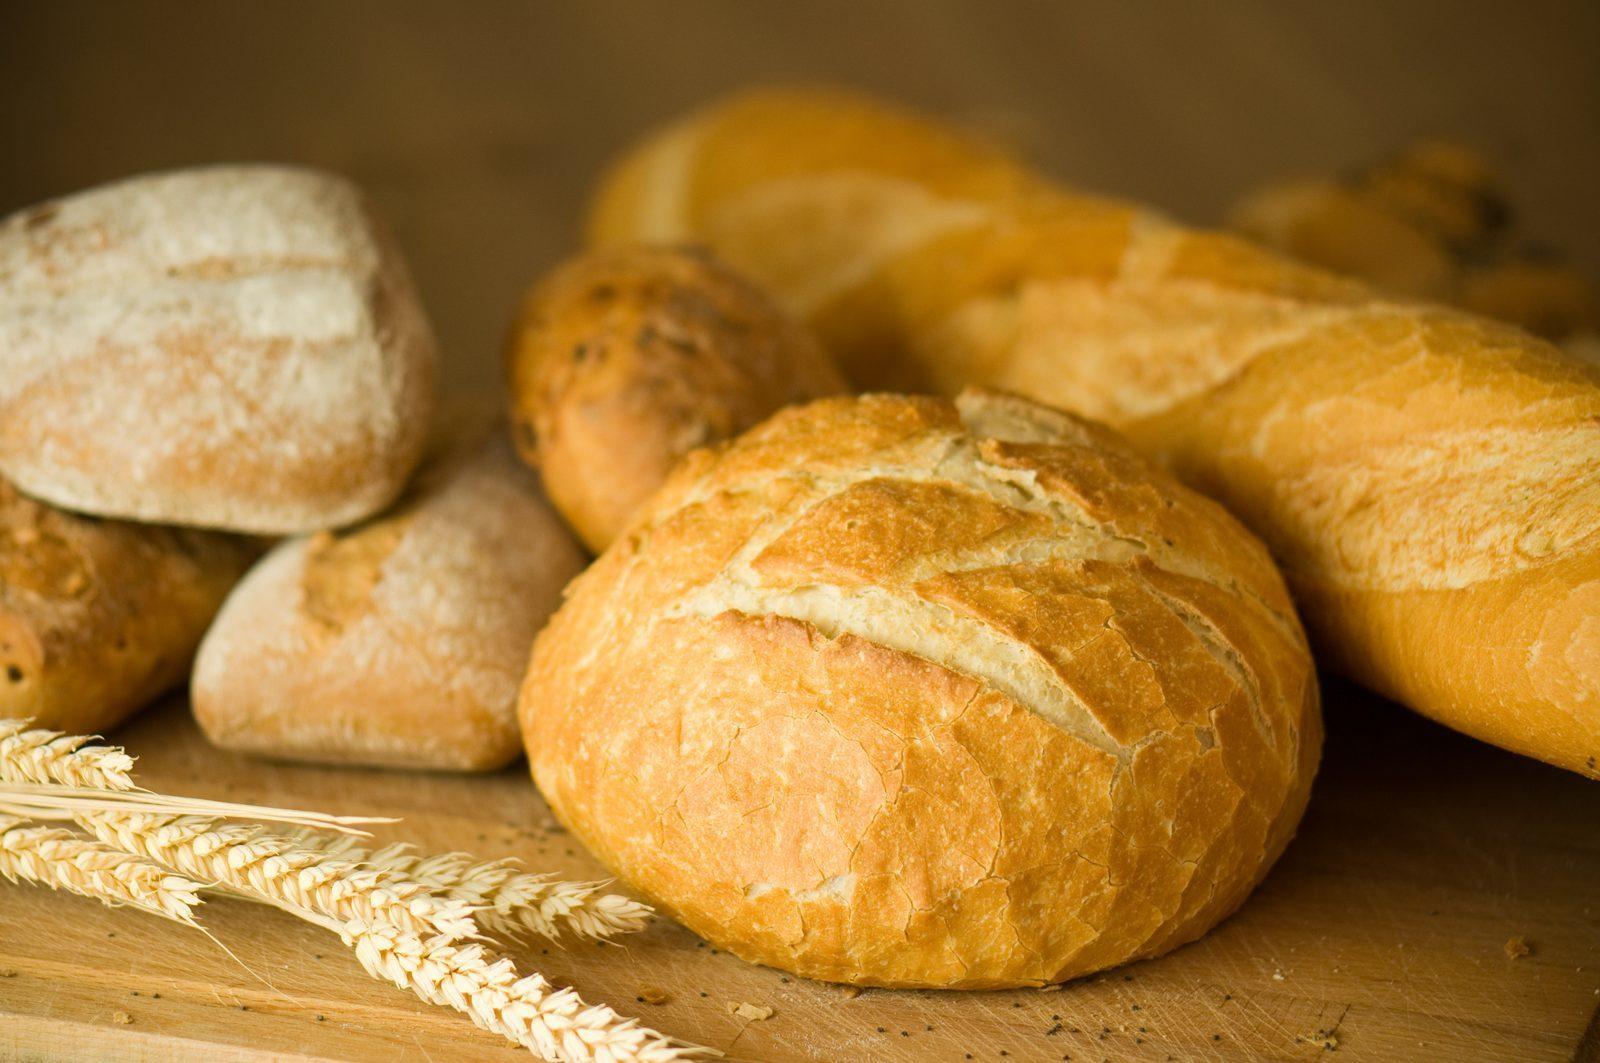 Genieten van verse broodjes? Hiervoor kunt u terecht bij de receptie.